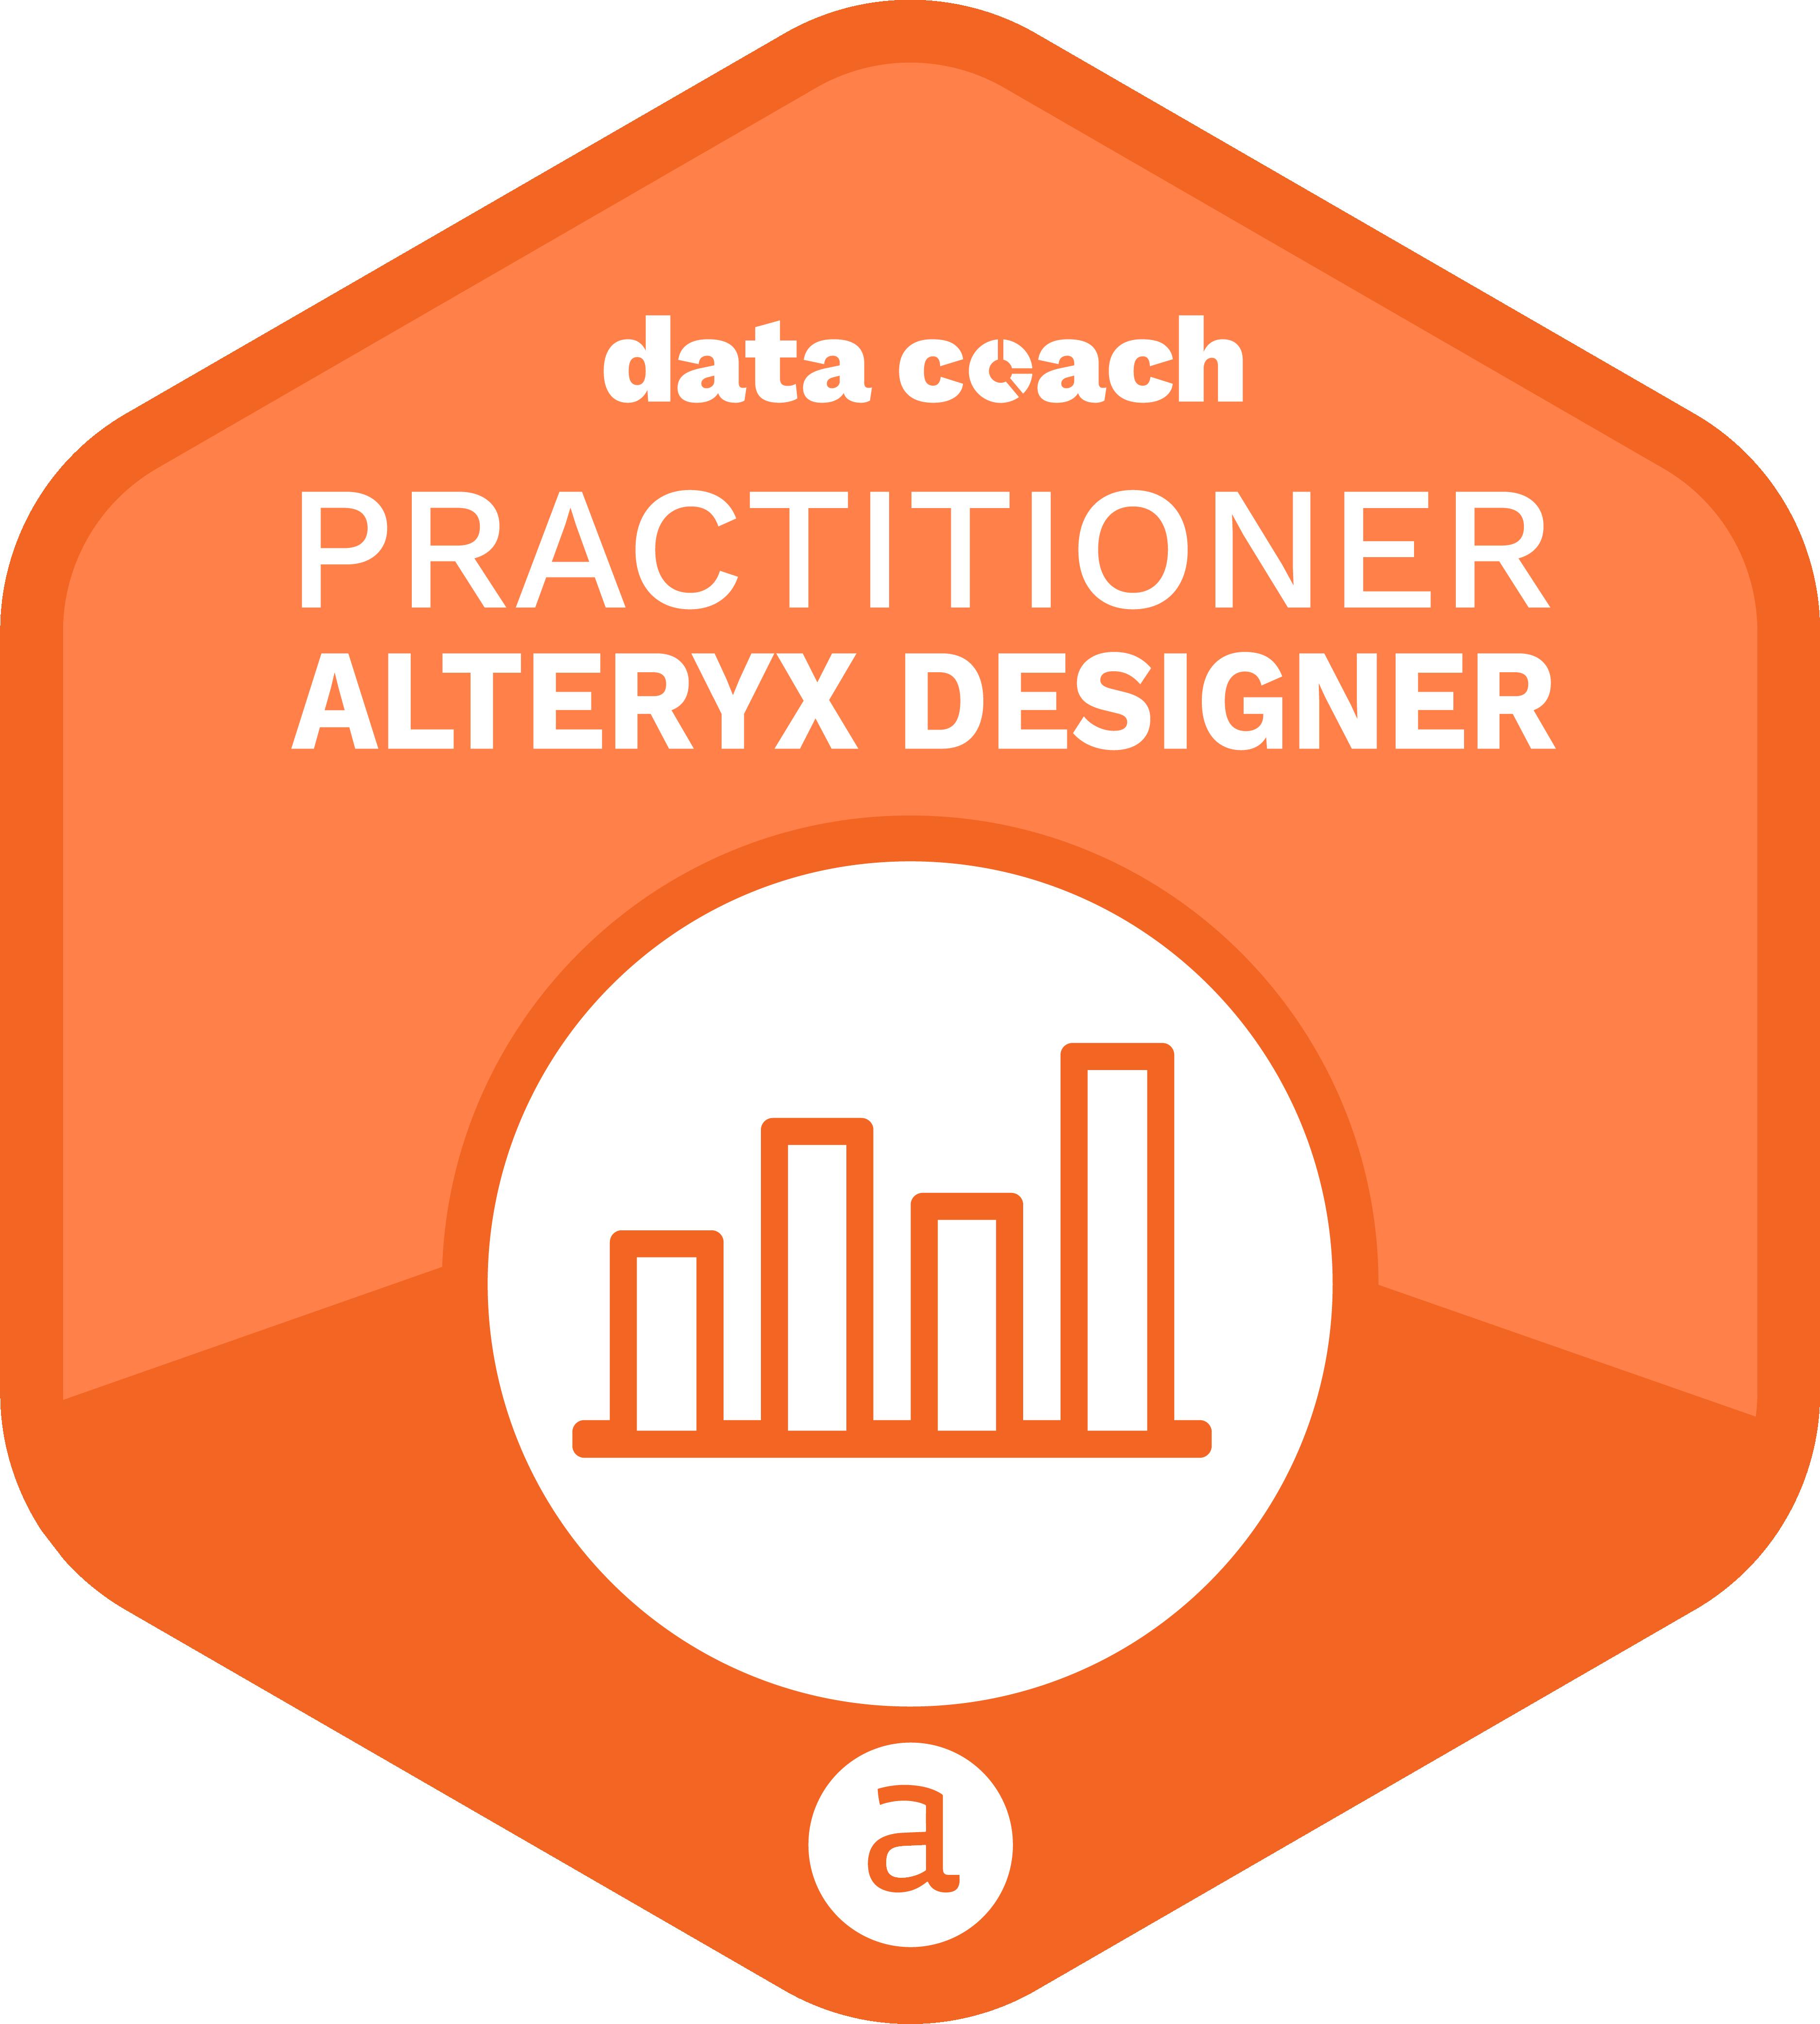 Alteryx Designer Practitioner